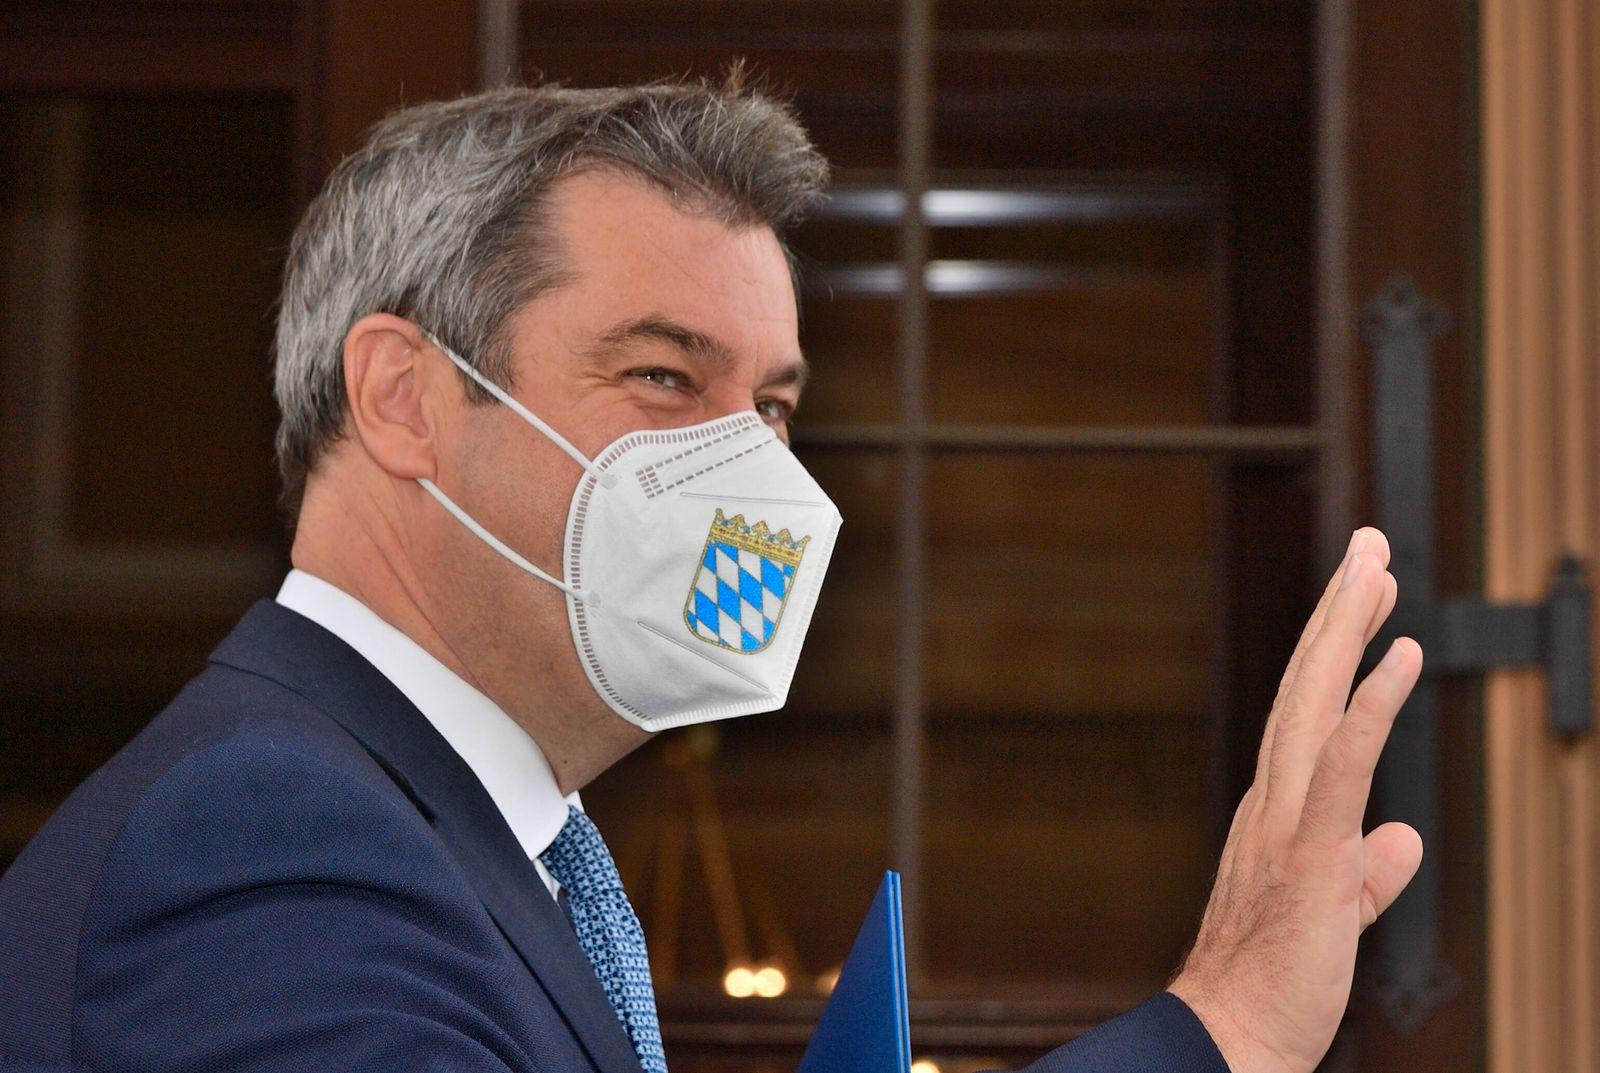 Markus Söder mit FFP2 Maske geschützt. Der Bayerische Ministerpräsident Markus Söder, CSU, geschützt mit einer FFP2 Mas